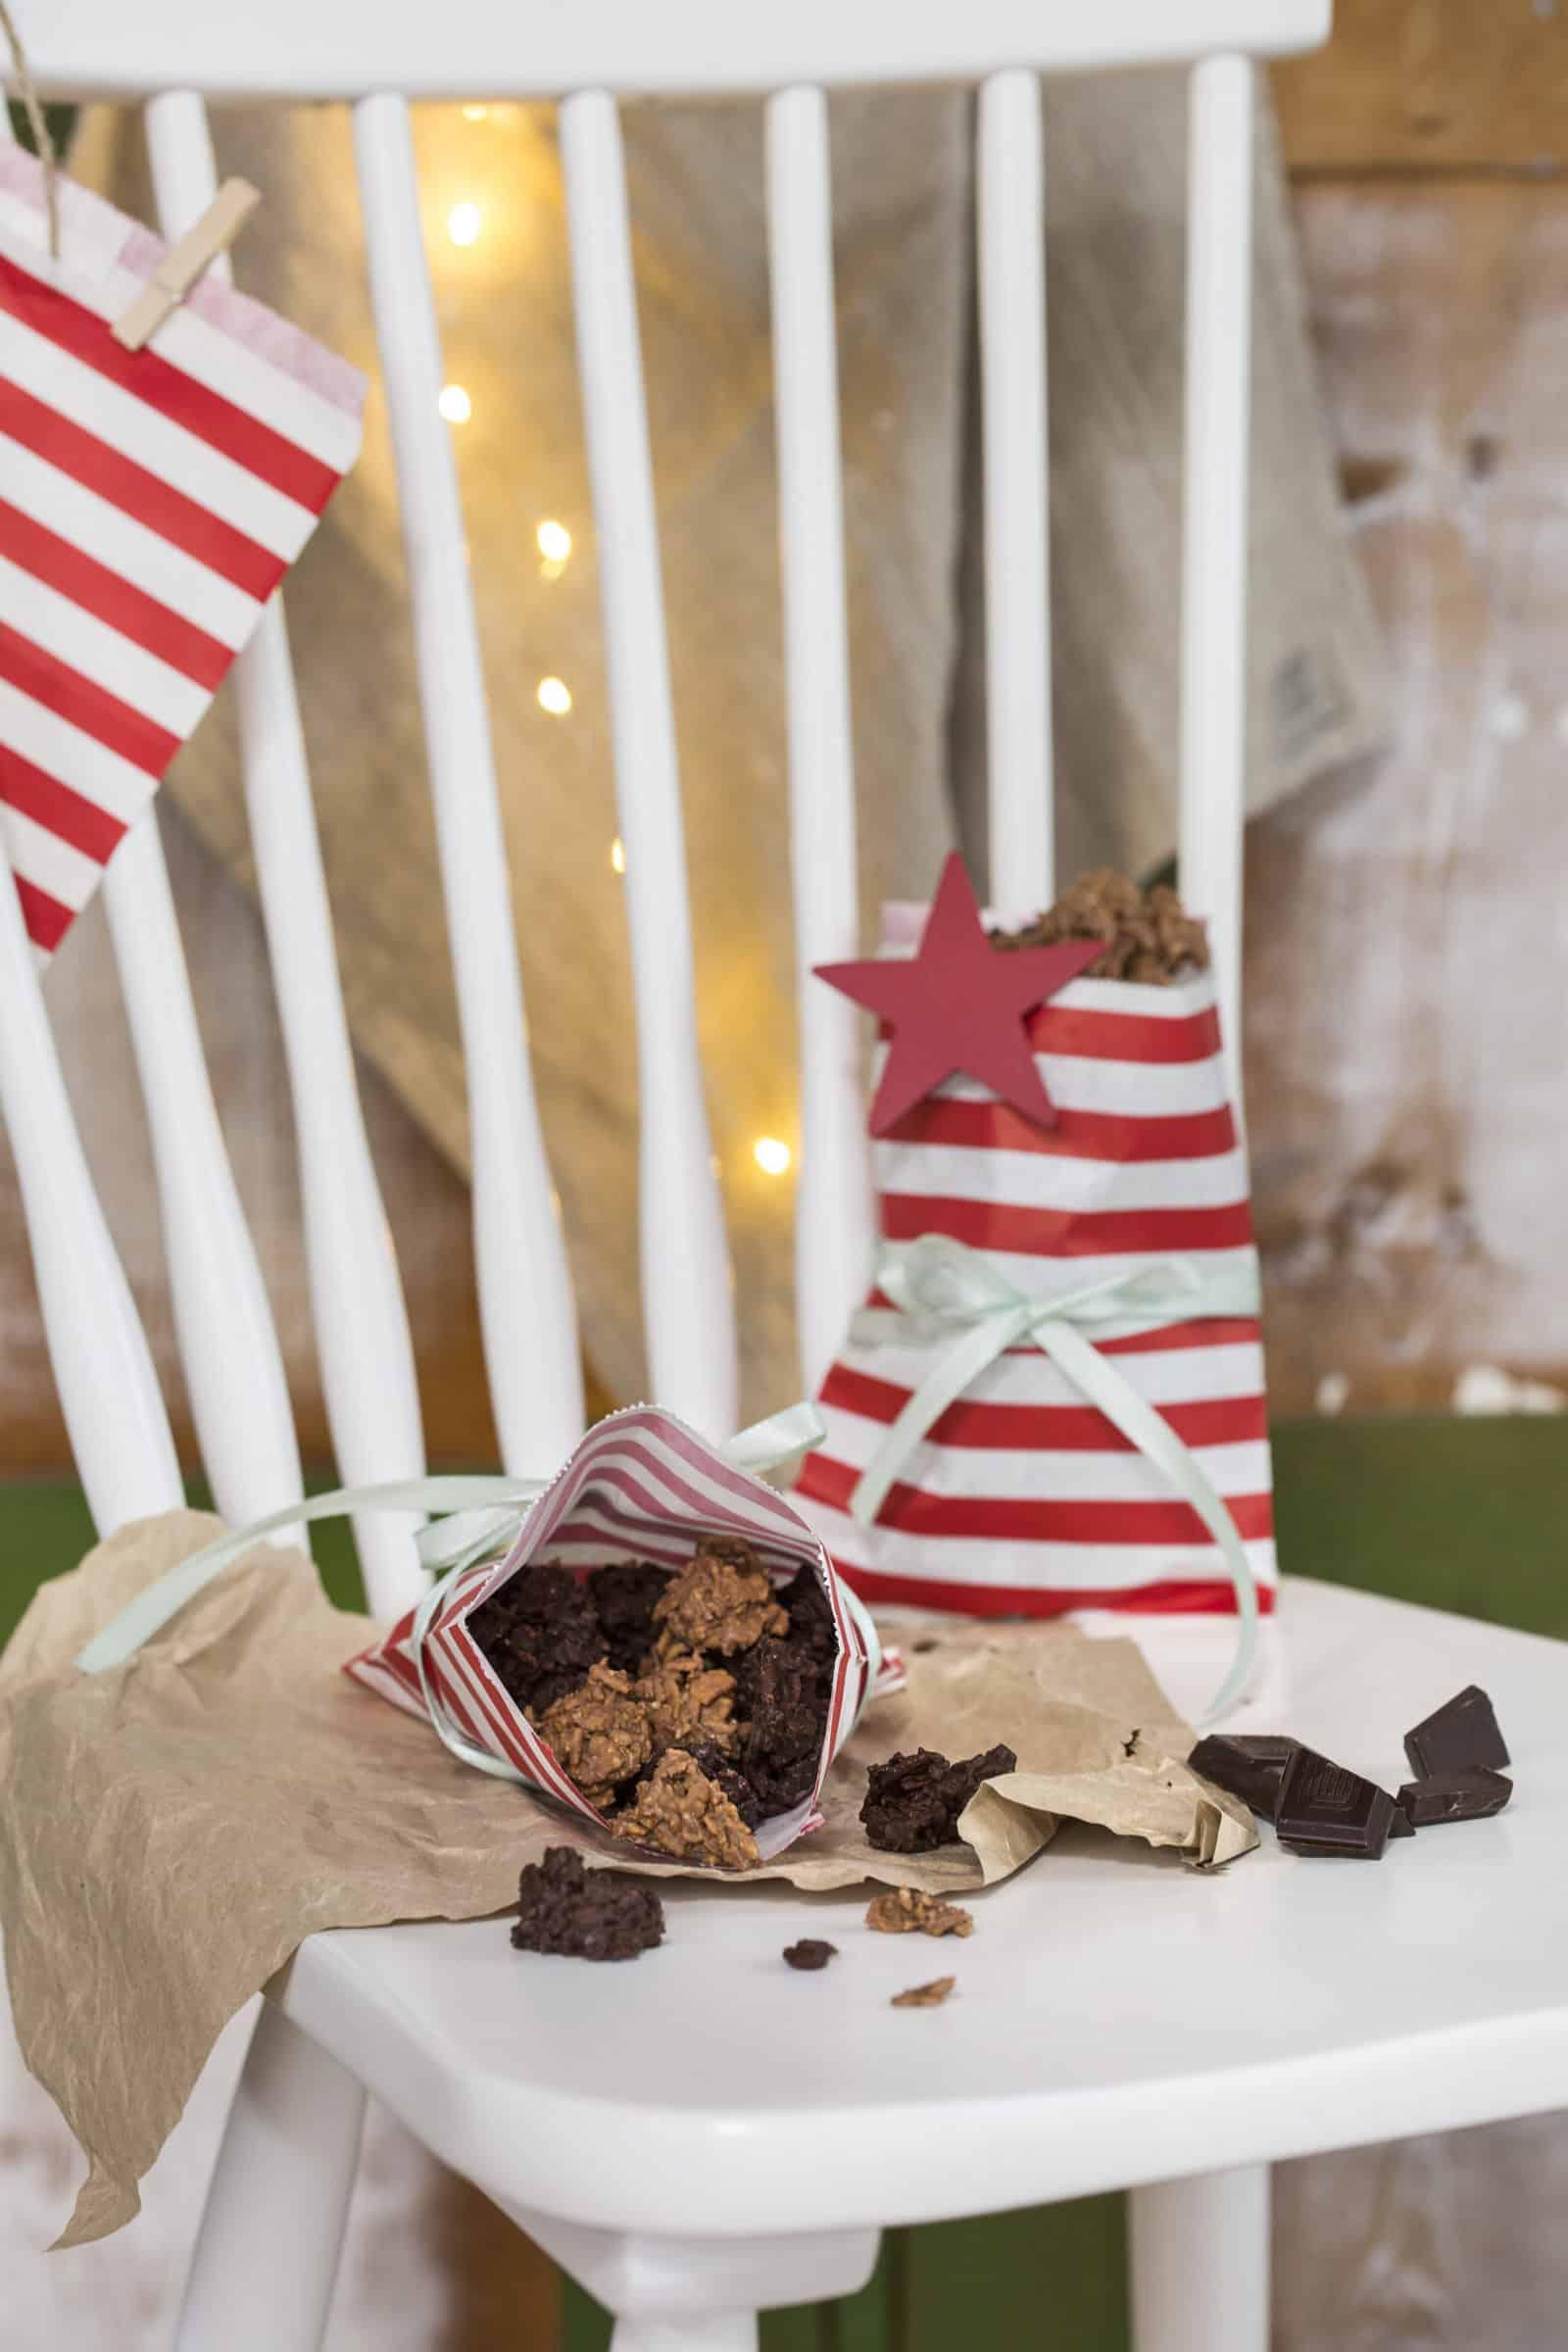 Schoko-Crossies mit zwei Sorten Schokolade aus dem Thermomix® - Foto: Kathrin Knoll